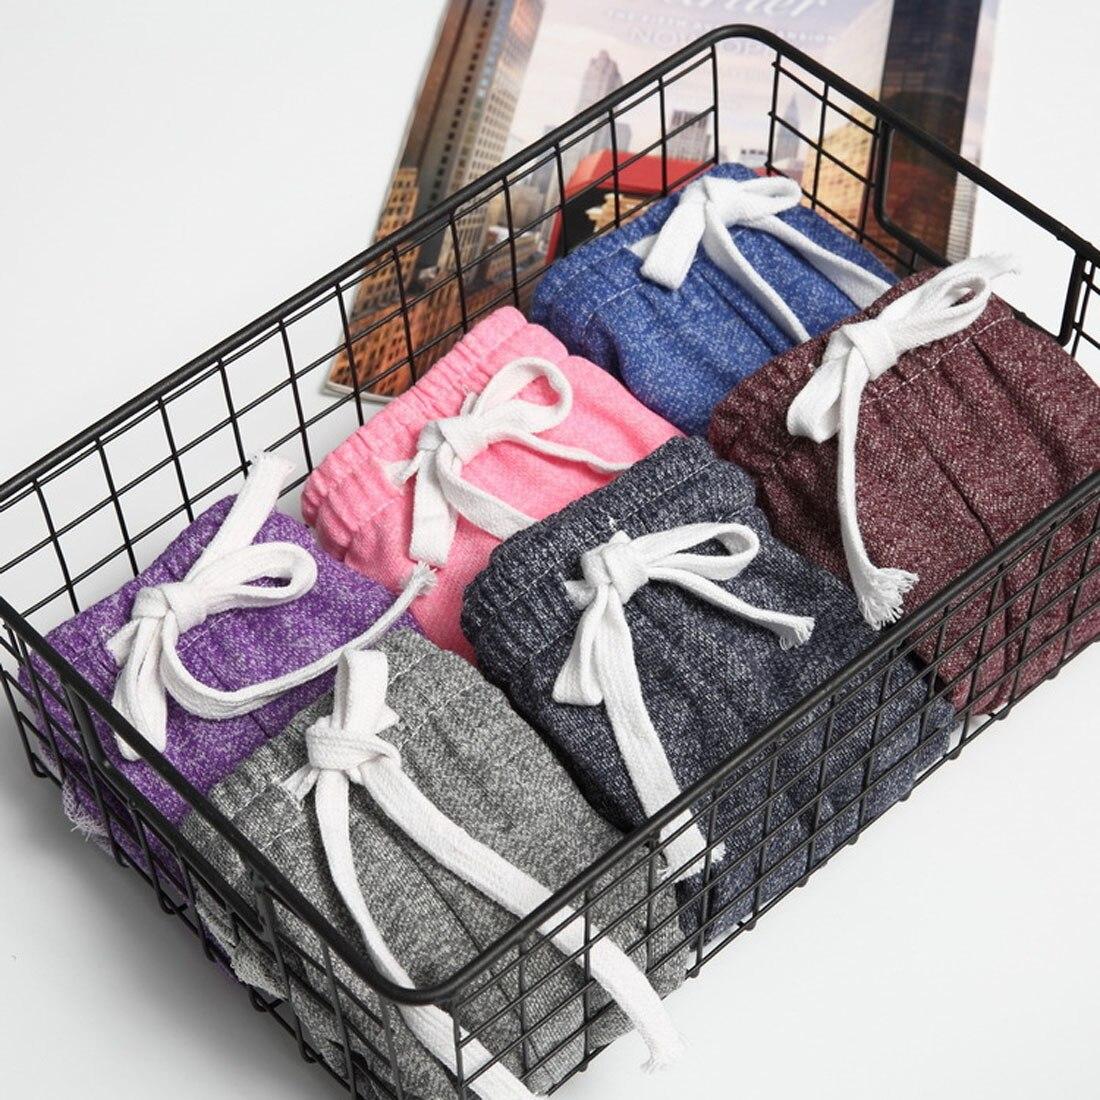 2017 Новый KA01-16 хорошее качество Для женщин Шорты дома короткие Для женщин Фитнес тренировки Шорты мешковатые брюки, свободные краями Шорты